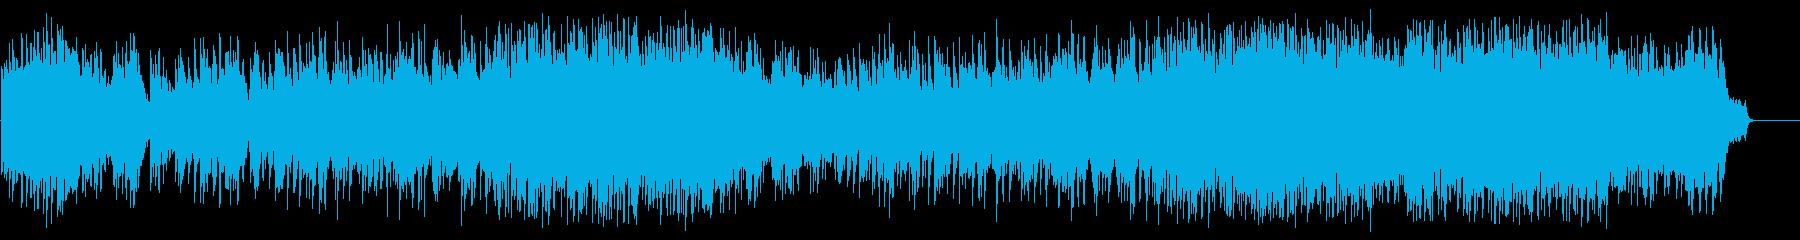 感動のピアノ・バラード(フルサイズ)の再生済みの波形